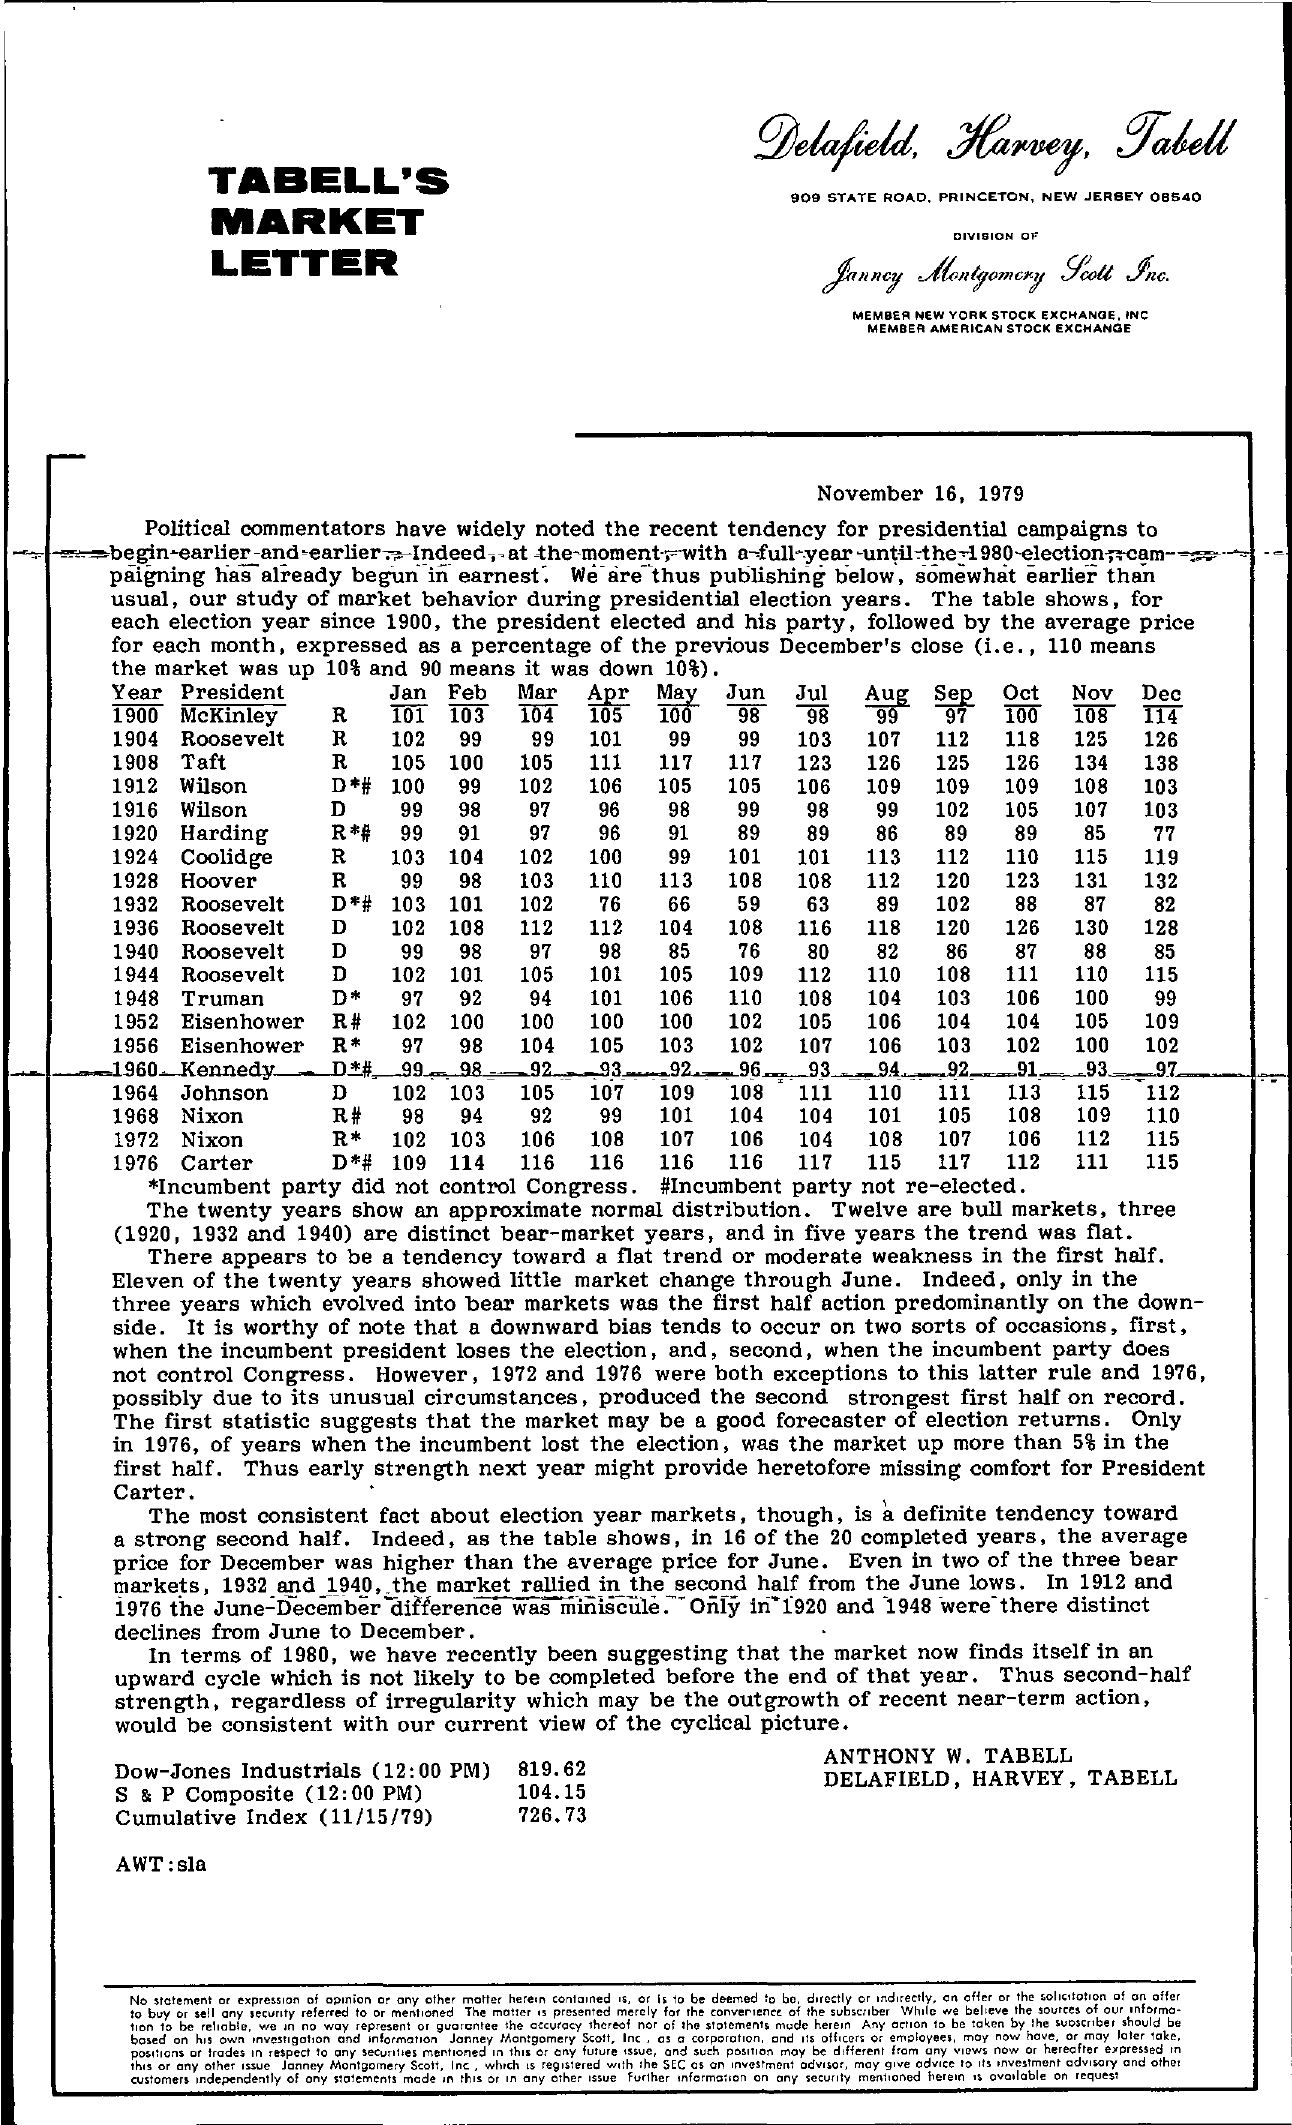 Tabell's Market Letter - November 16, 1979